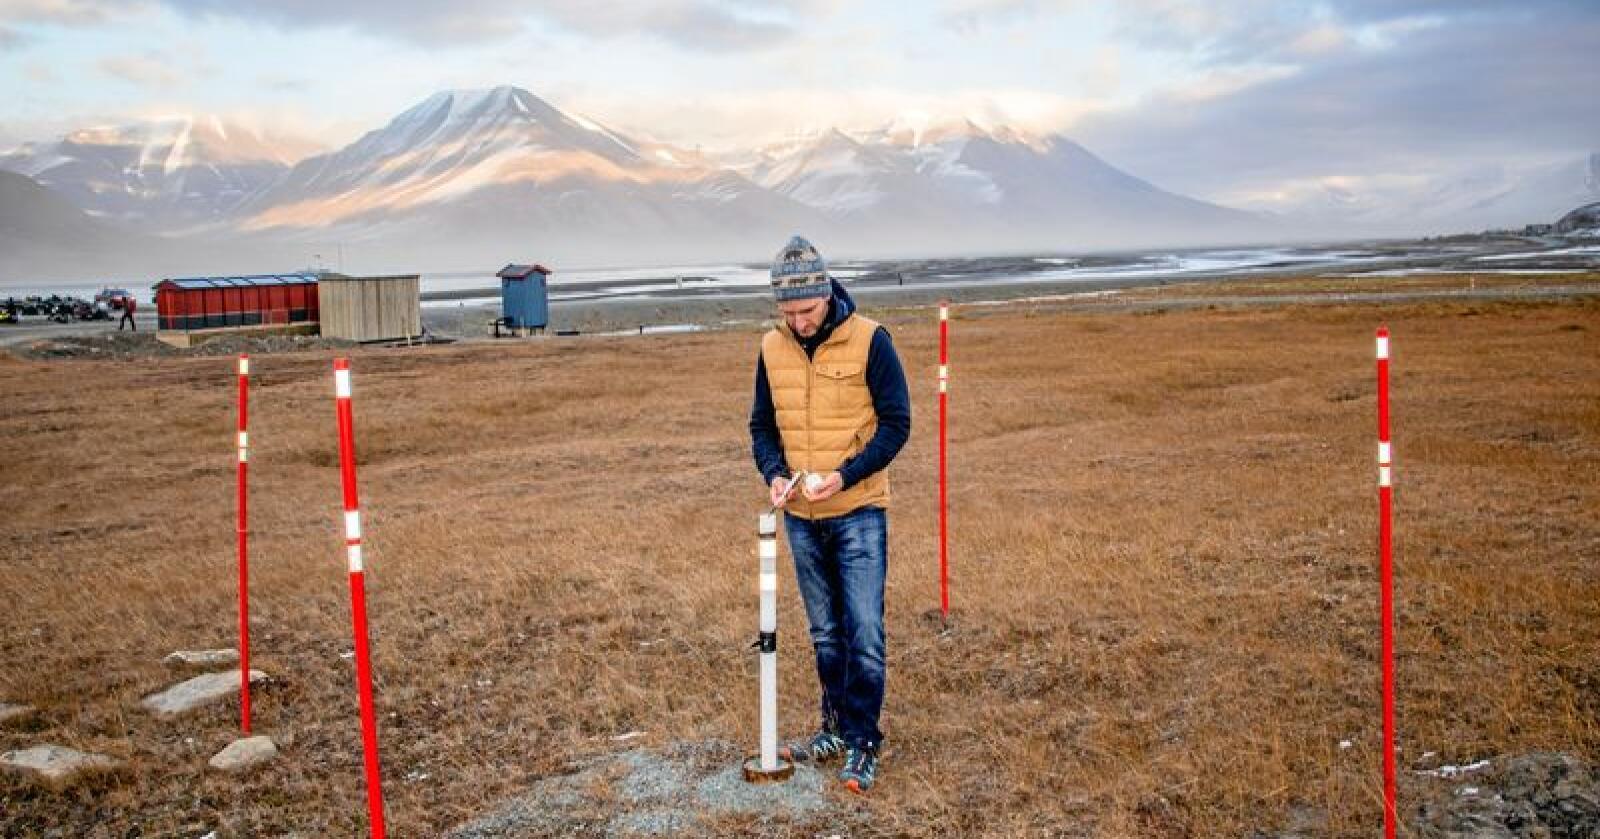 Forsker Graham Gilbert måler temperaturen i permafrosten i Longyearbyen på Svalbard. Temperaturmålere er utplassert i borehull i bakken en rekke steder på Svalbard og i andre arktiske områder. Foto: Are Føli / NTB scanpix